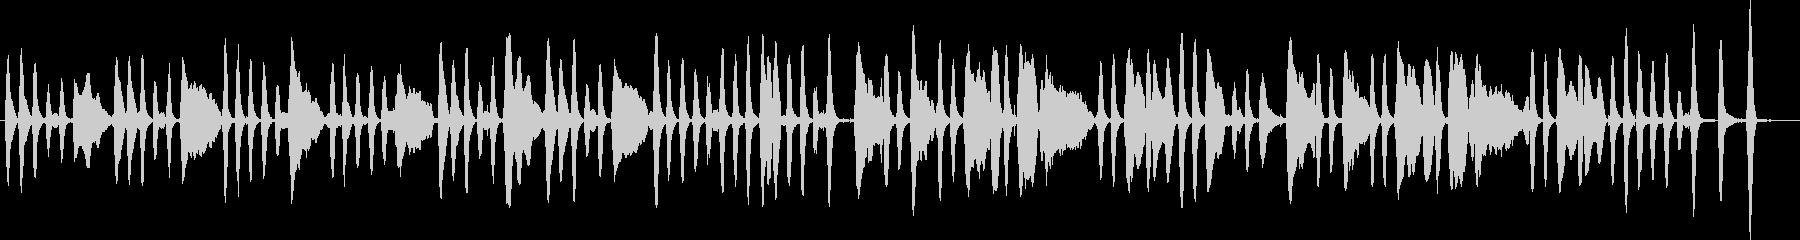 ジングルベルをヴァイオリンソロでの未再生の波形